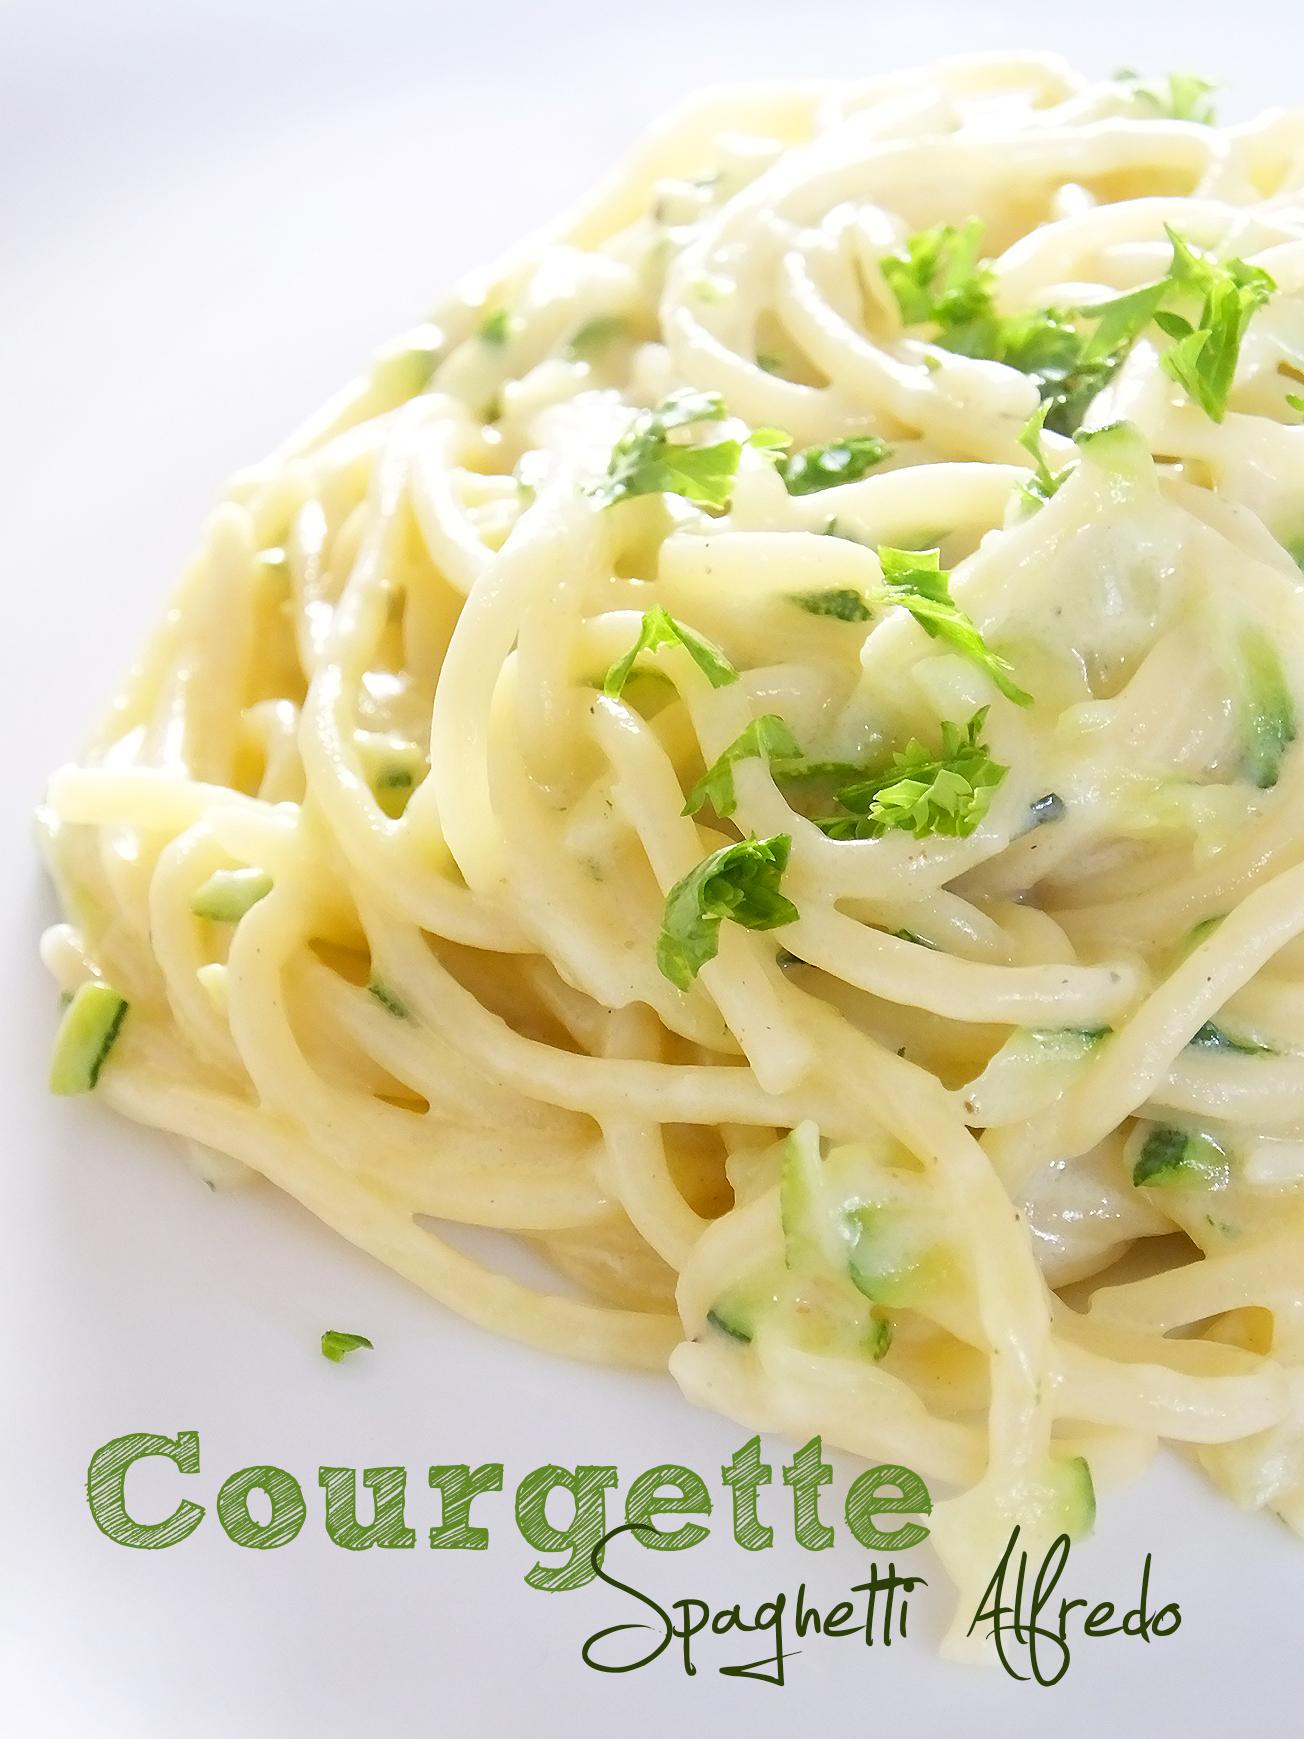 courgette spaghetti alfredo